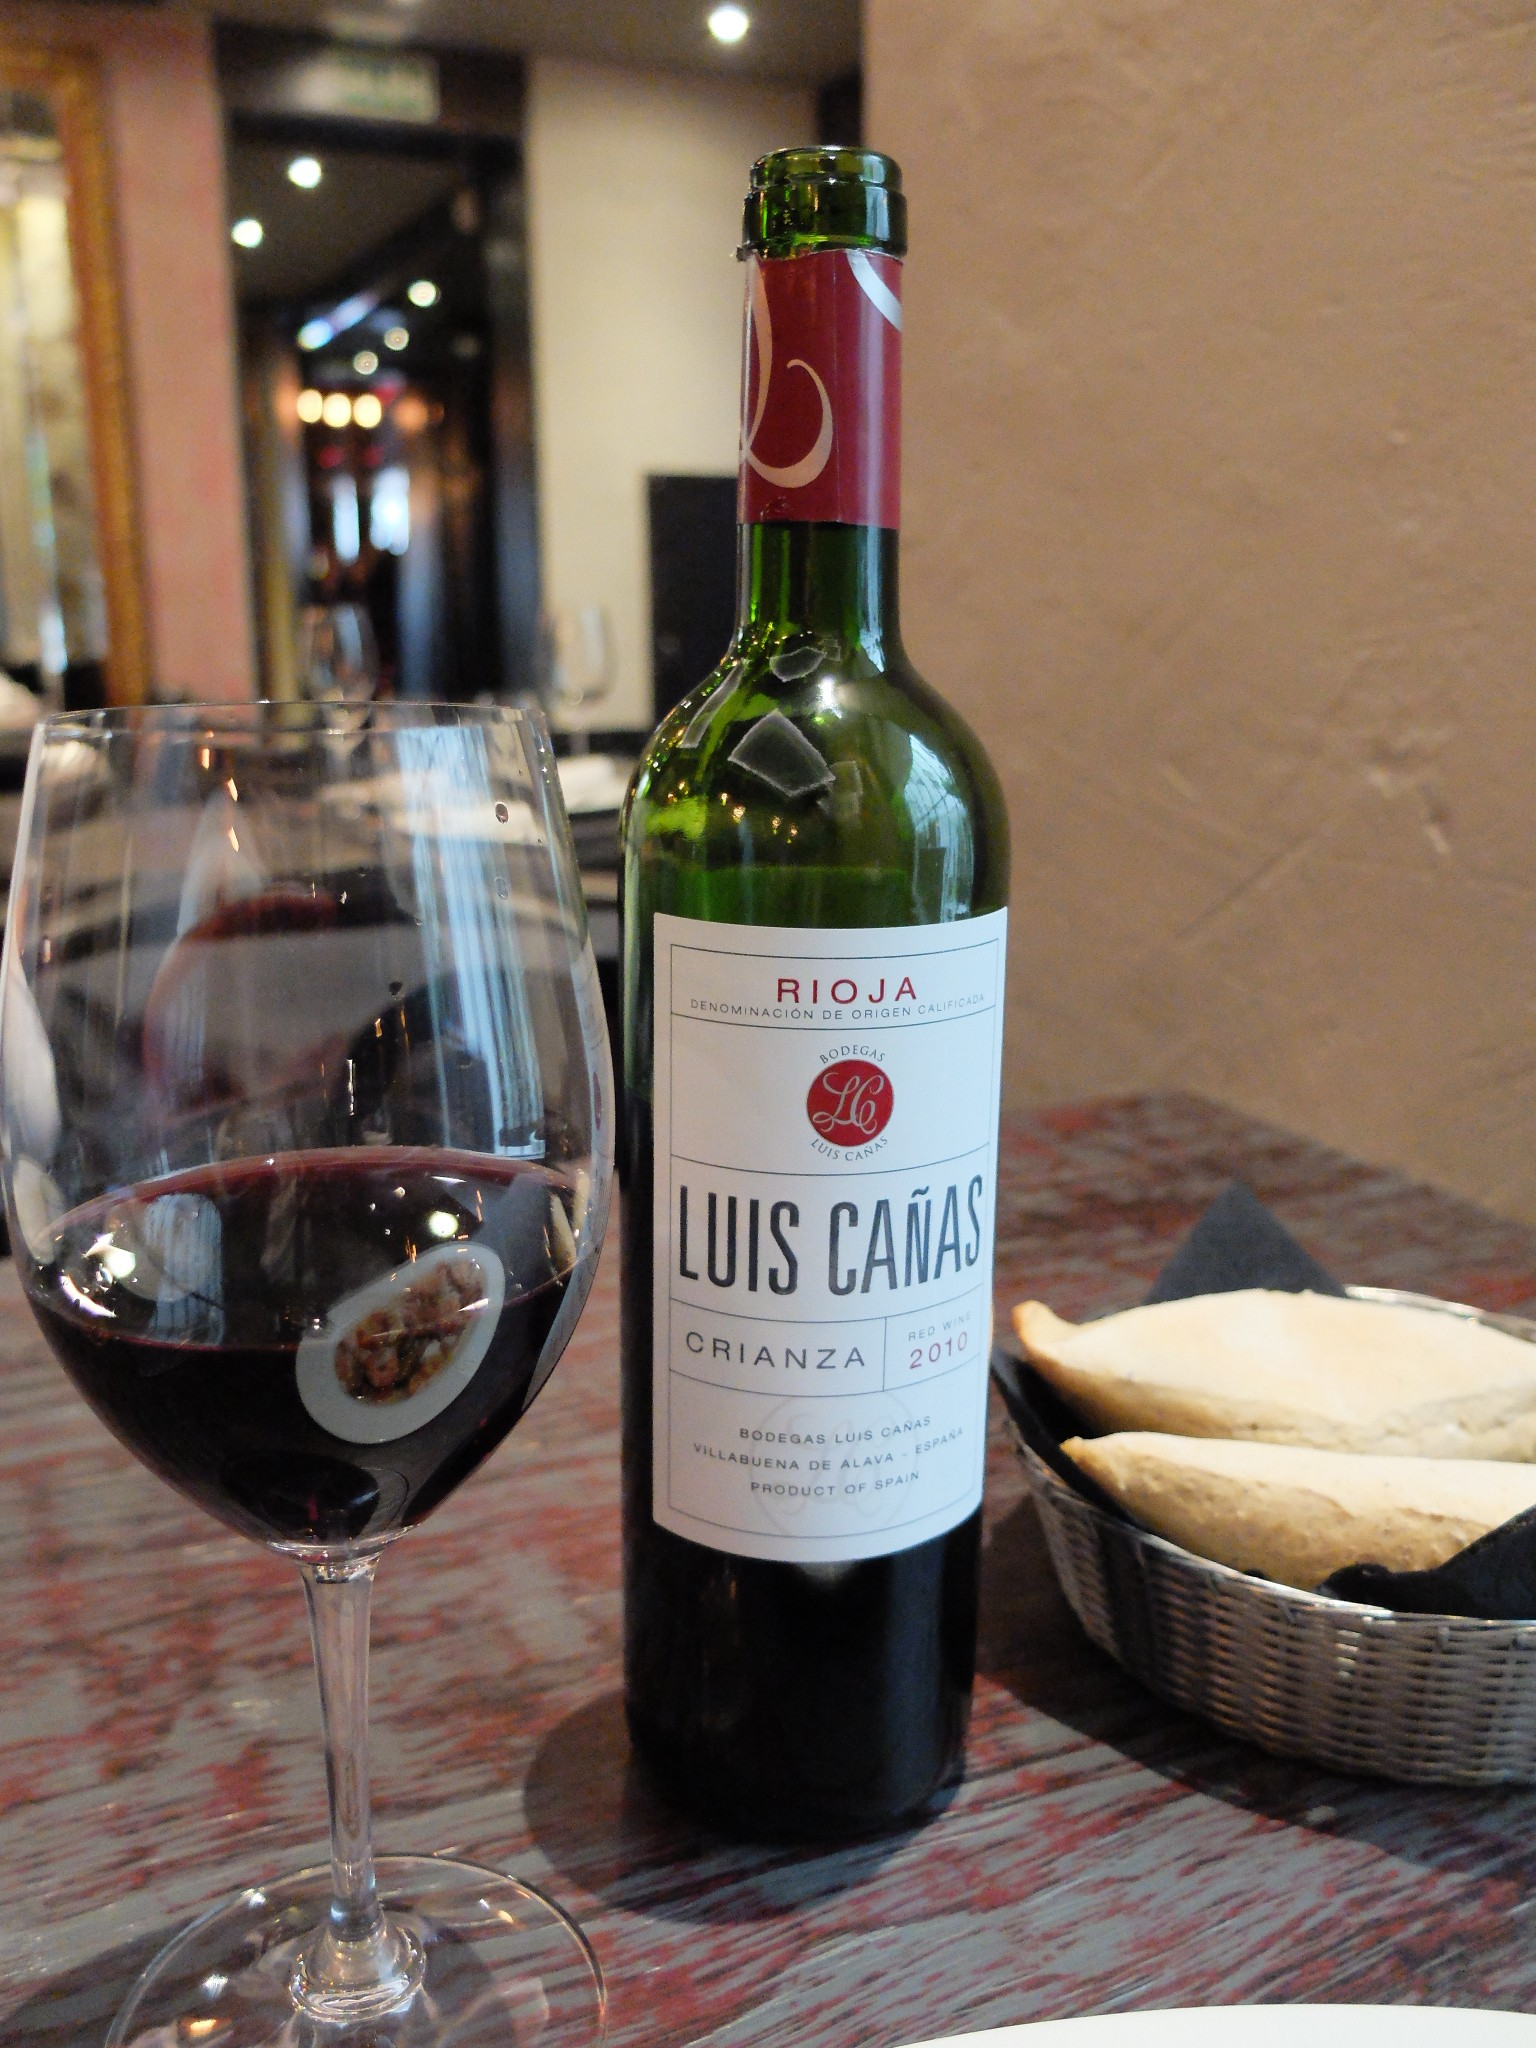 La Charca Taberna  - Vino Luis Cañas Crianza 2010